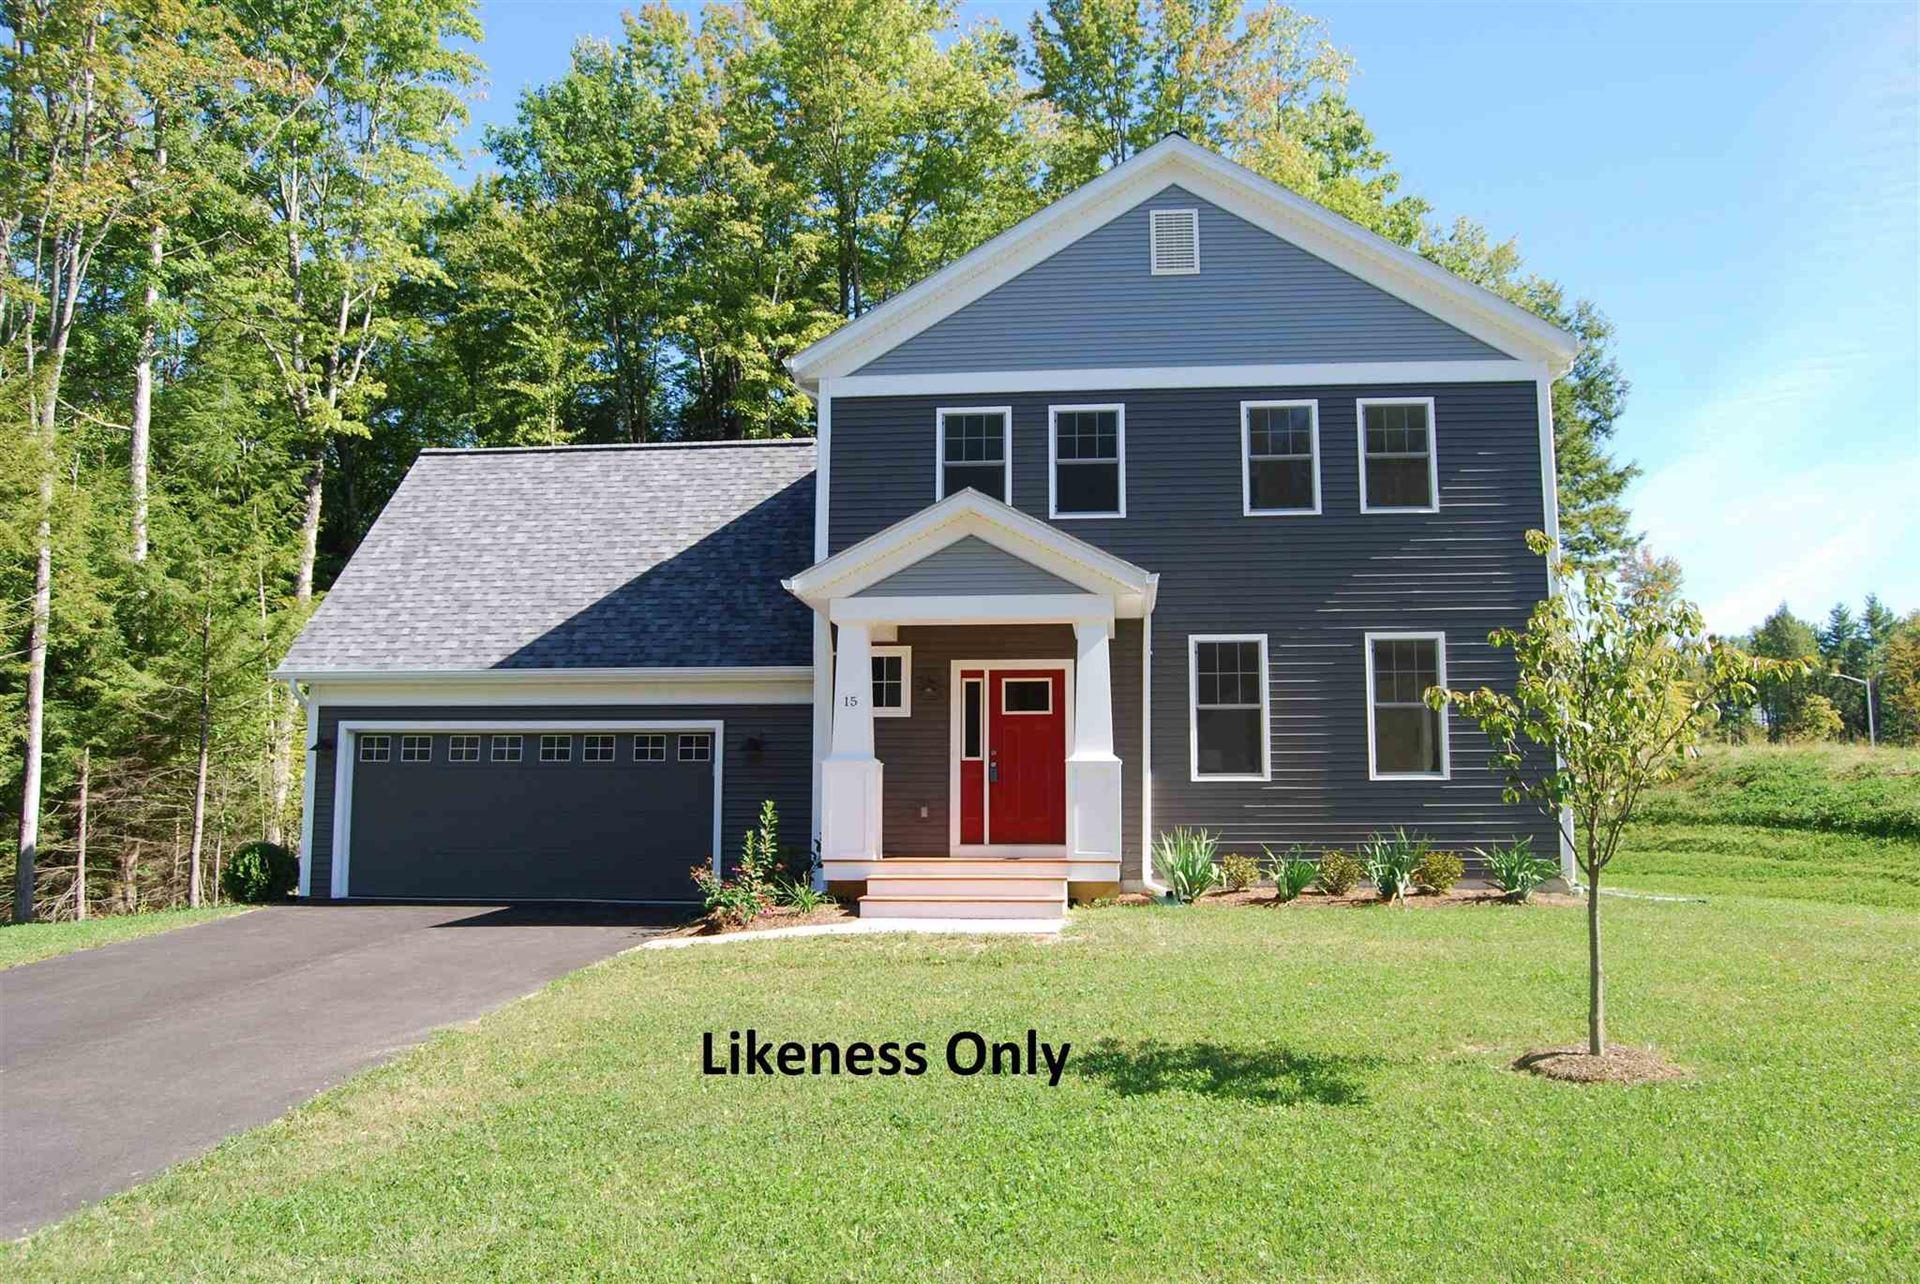 Lot 50 Horseshoe Circle, Milton, VT 05468 - MLS#: 4866773